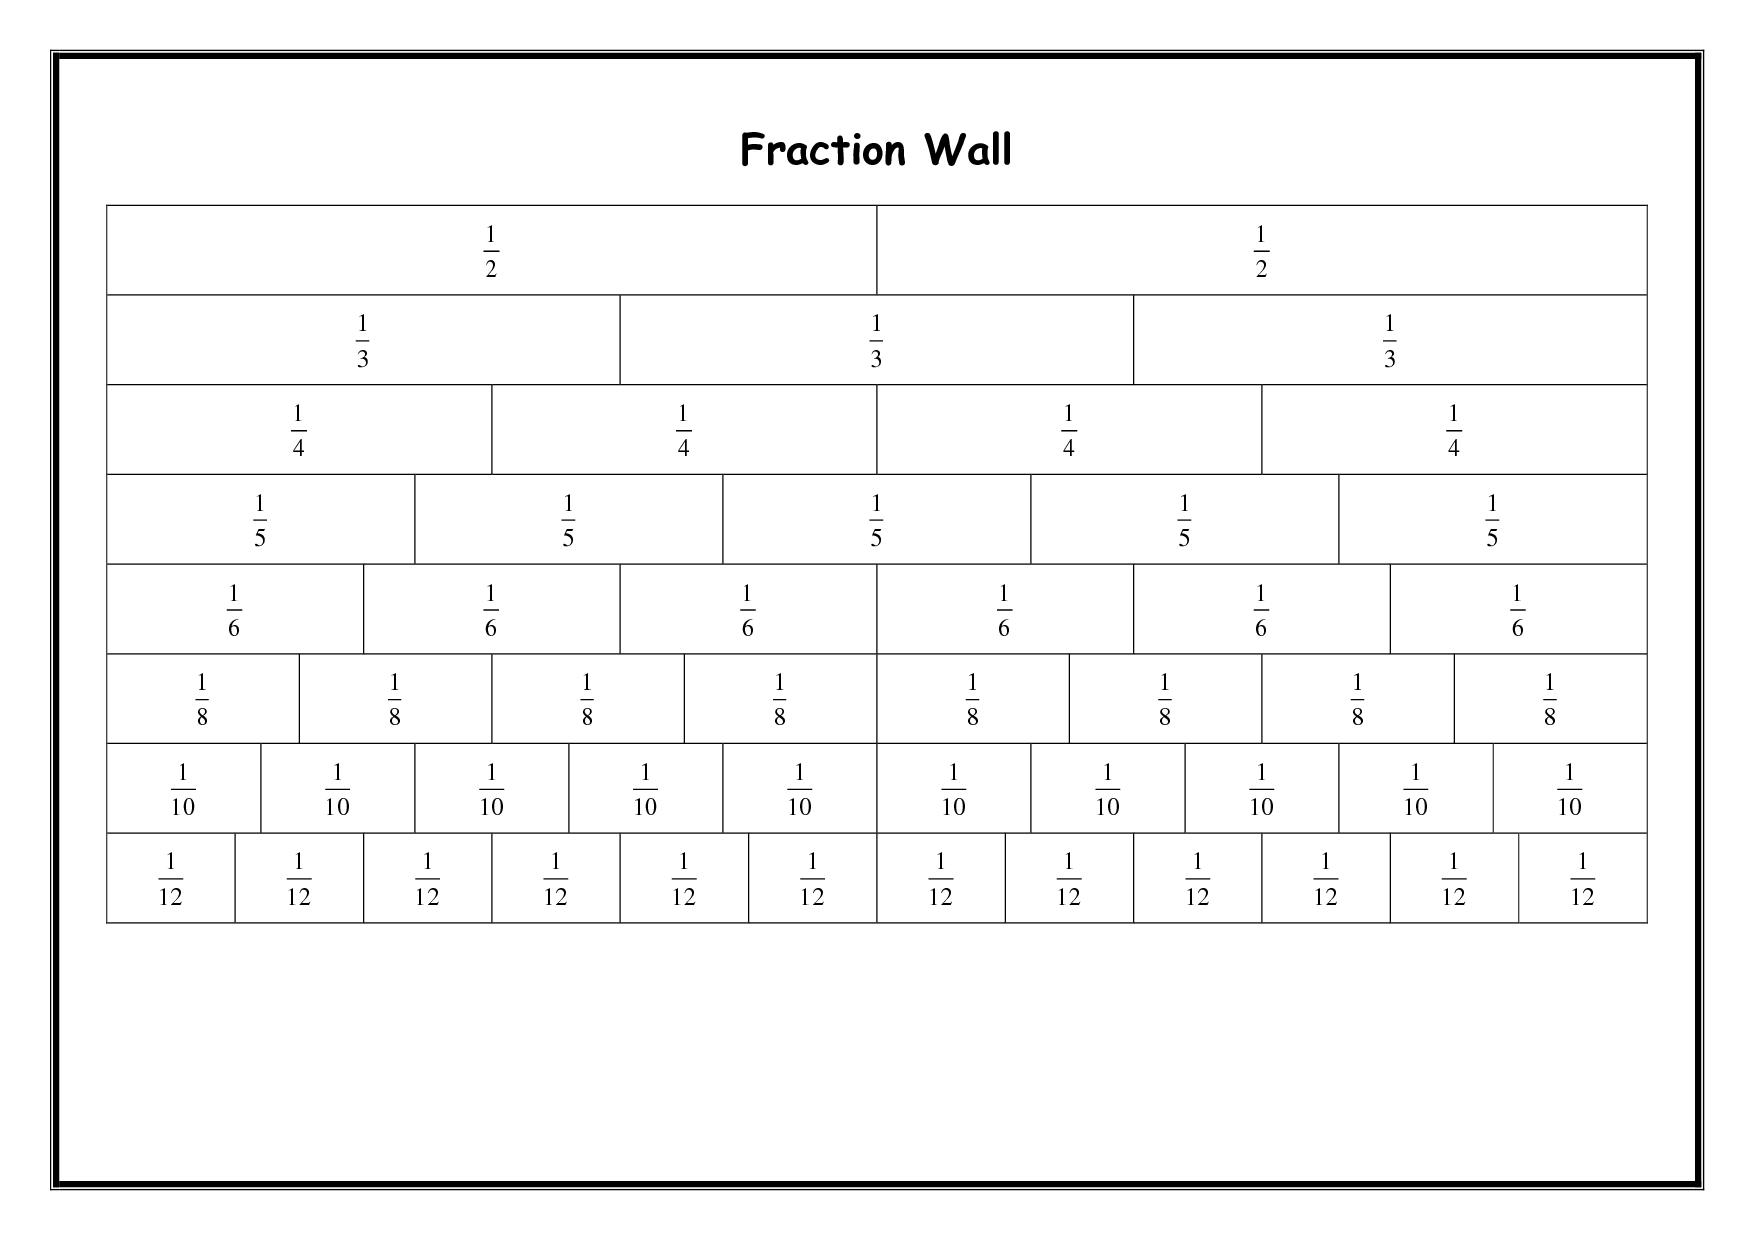 Blank Fraction Wall Printable